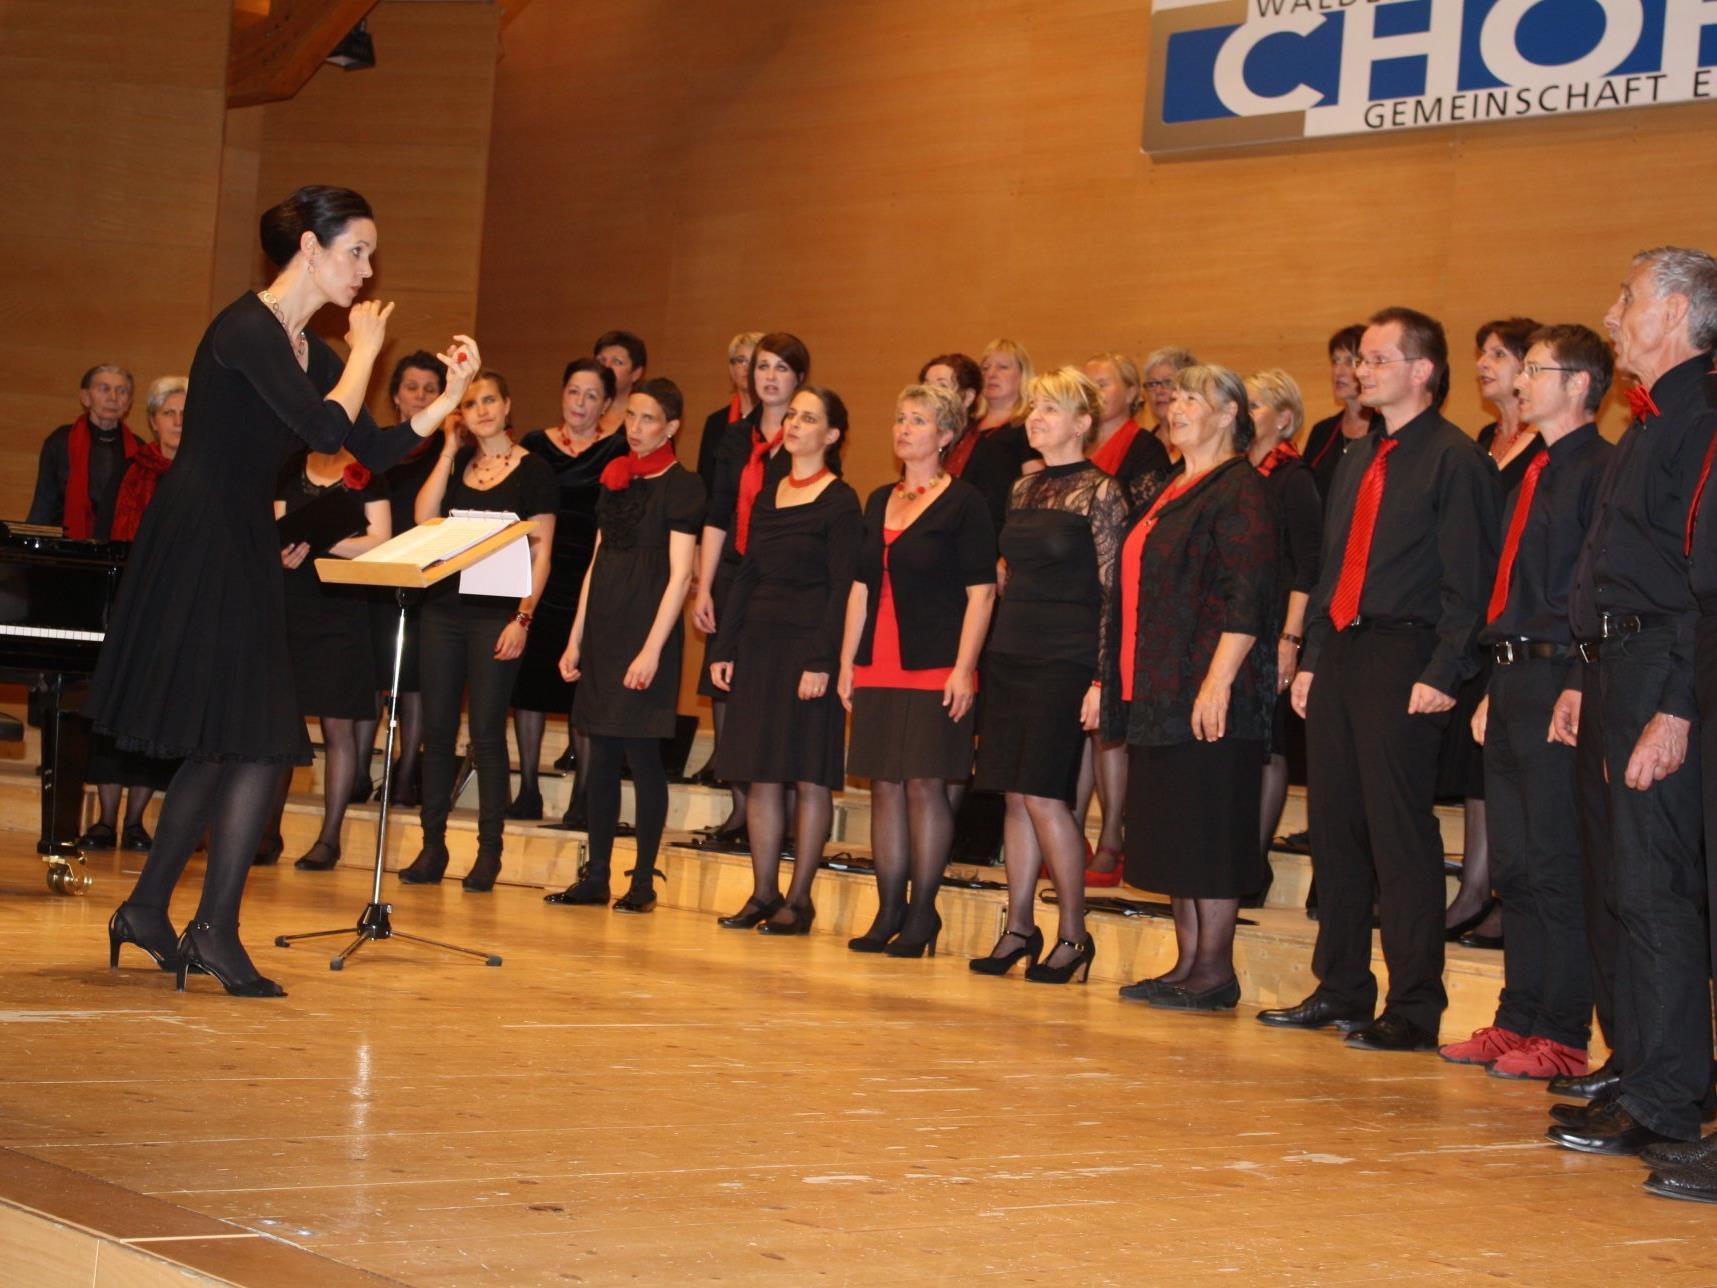 Die Sängerinnen und Sänger freuen sich auf viele Besucher bei den Konzerten.